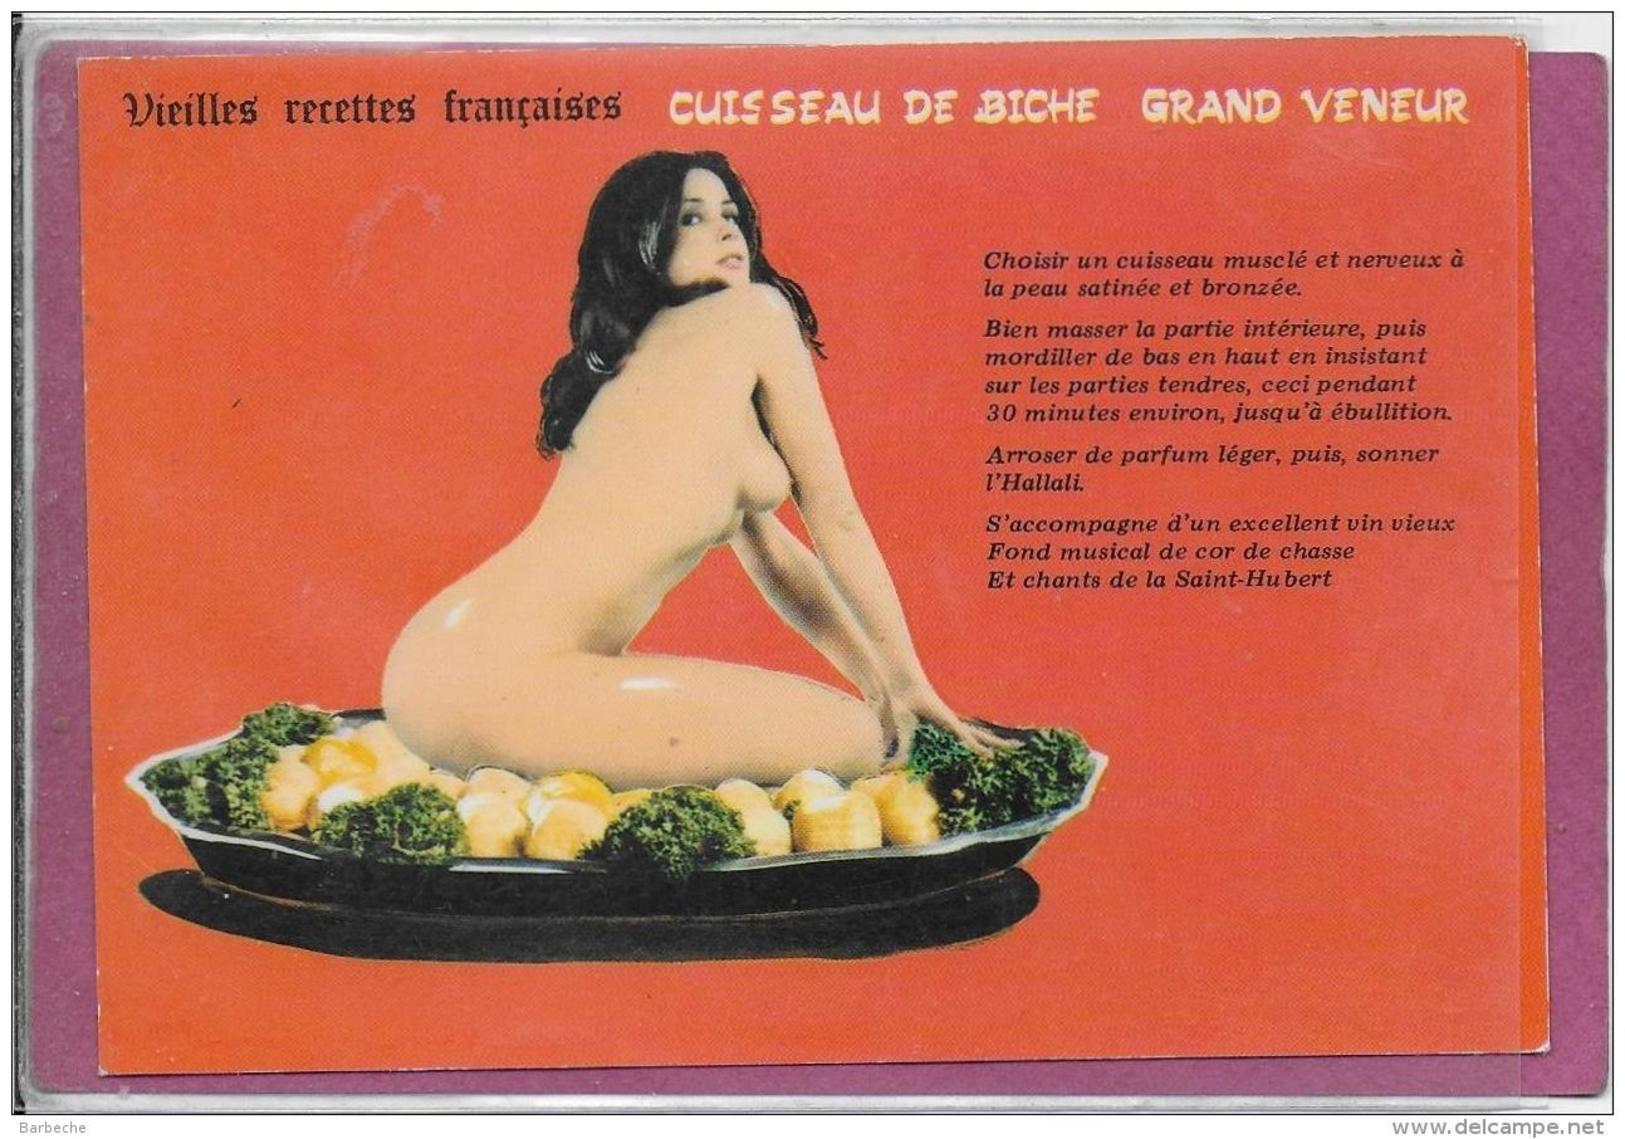 VIEILLES RECETTES FRANCAISES.- Cuisseau De Biche Grand Veneur - Humor